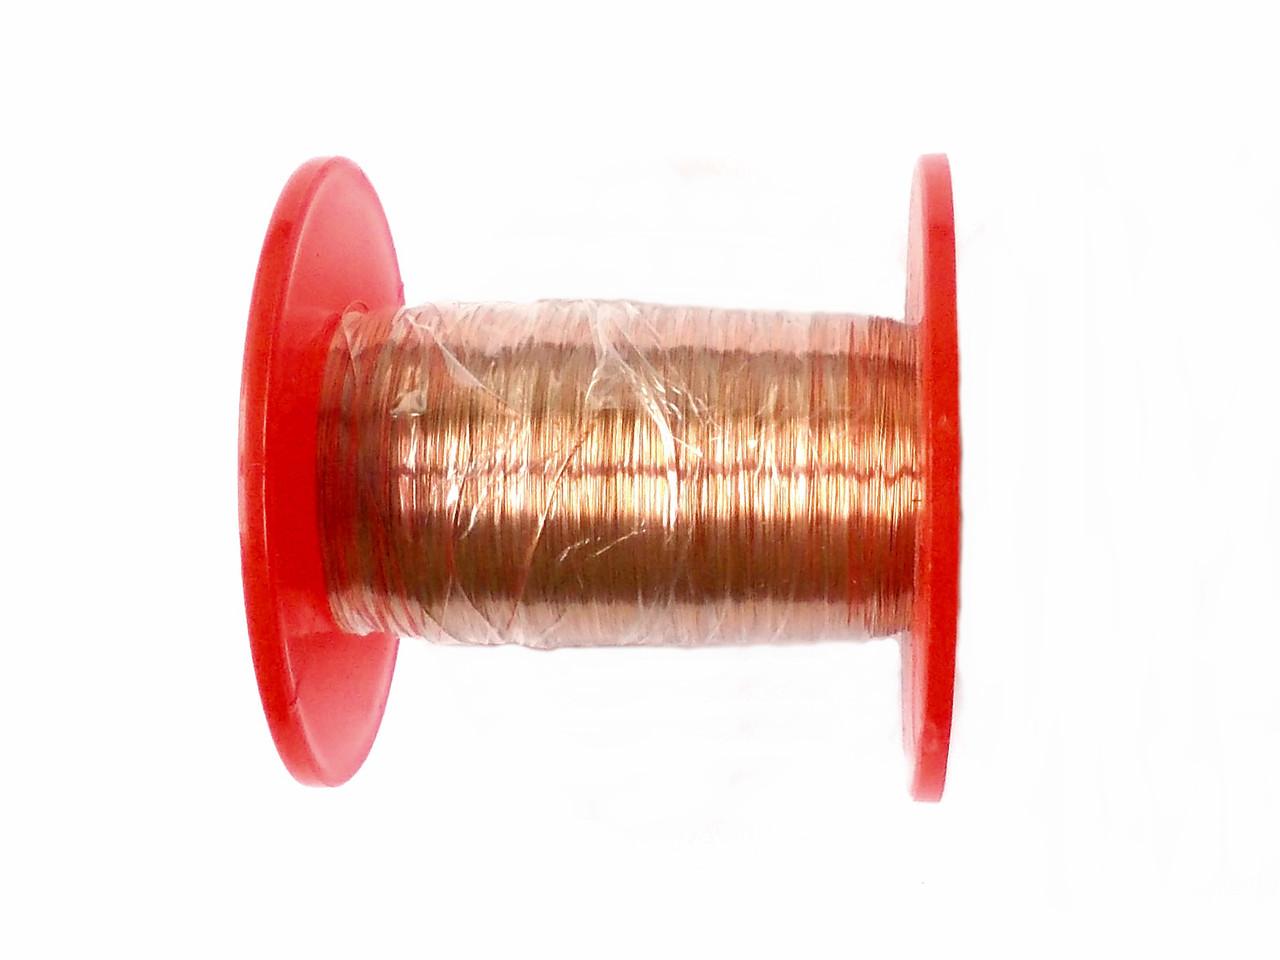 Провод обмоточной диаметром 0,14 мм на катушке 0.1 кг